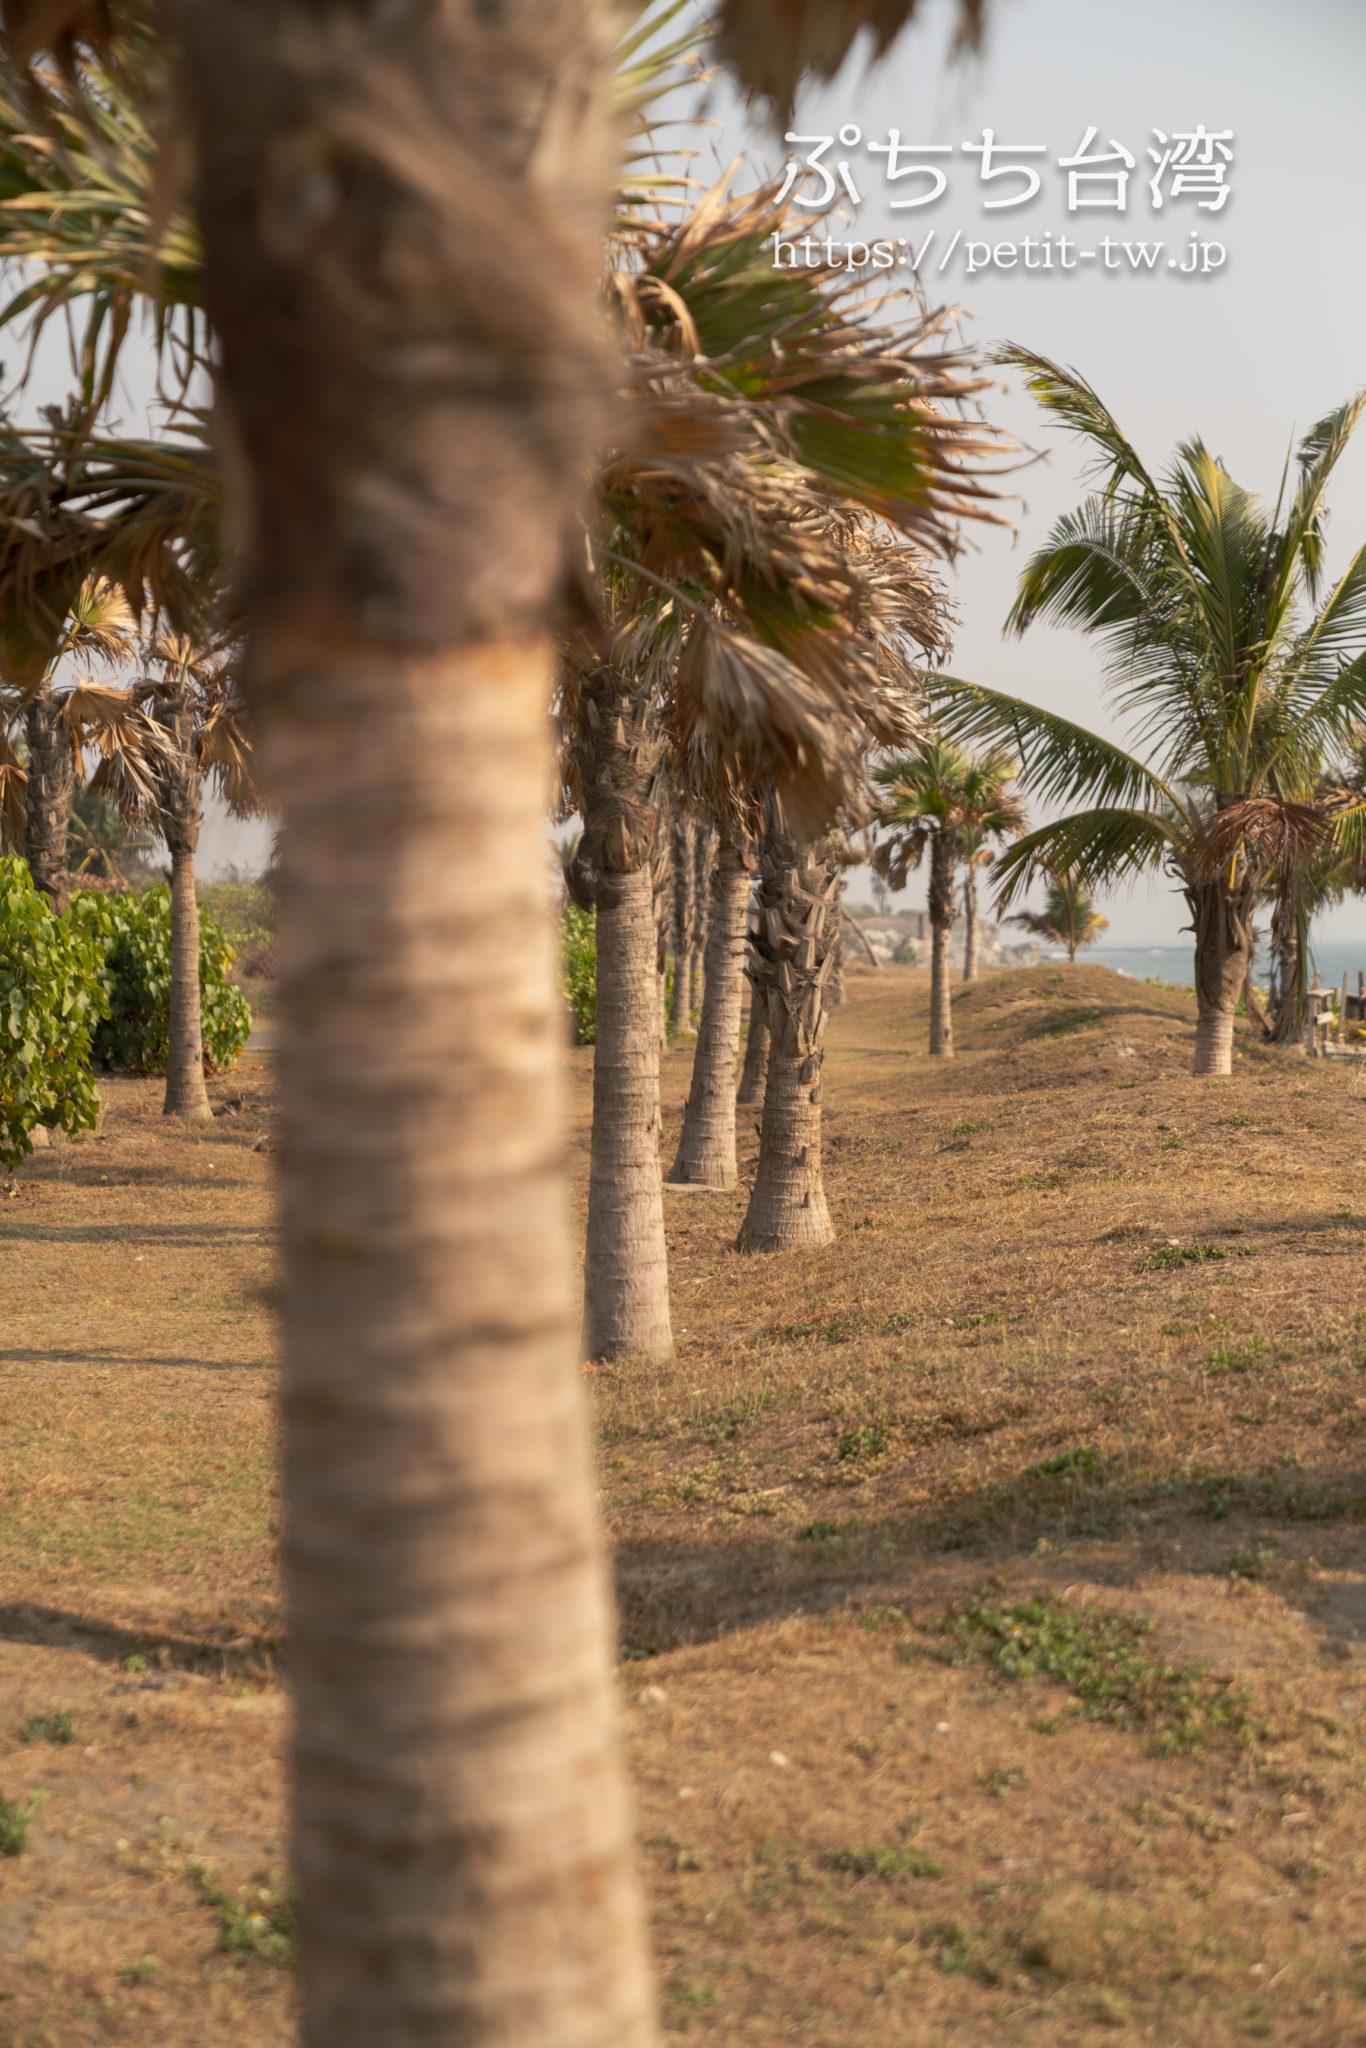 旗津半島のサイクリングロードの椰子の木